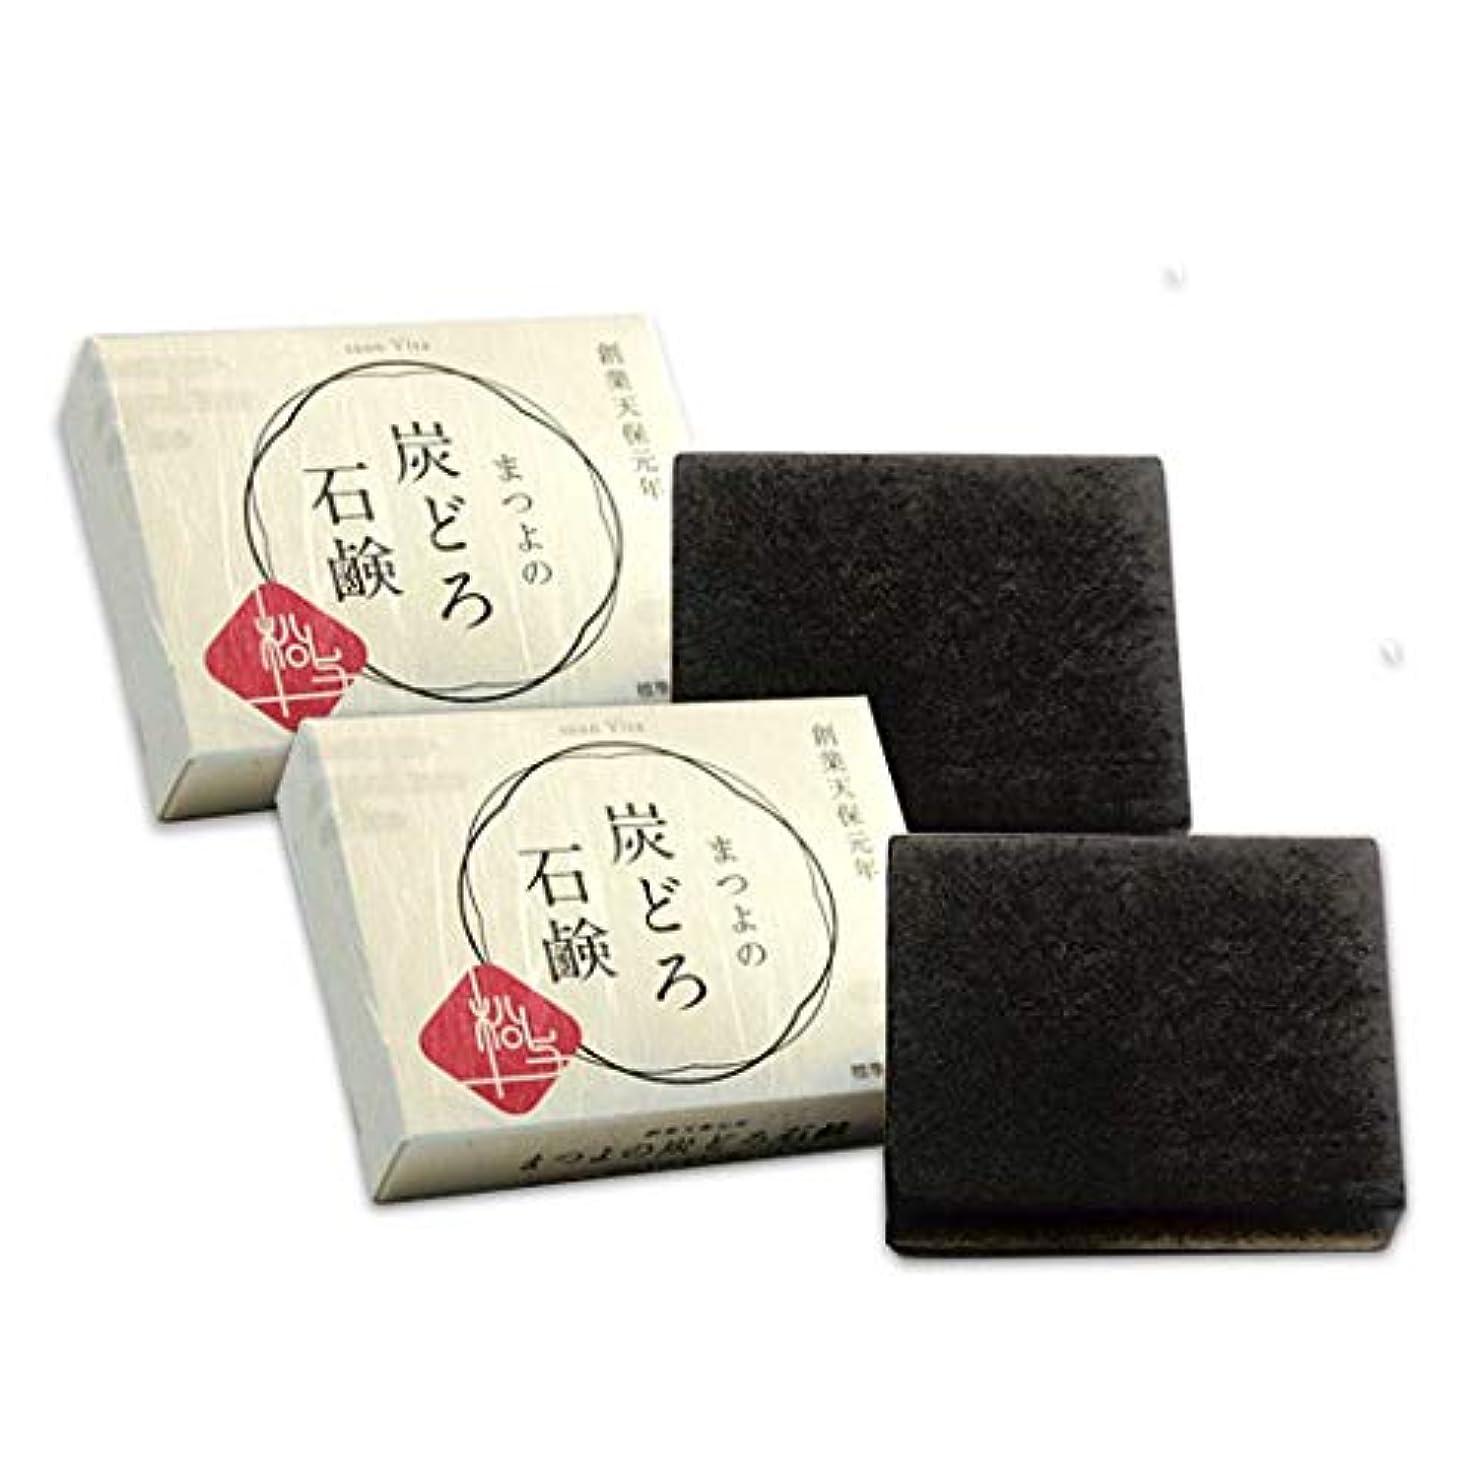 特許二次胸VITA(ヴィータ) 石鹸 EM140 70g×2個入り